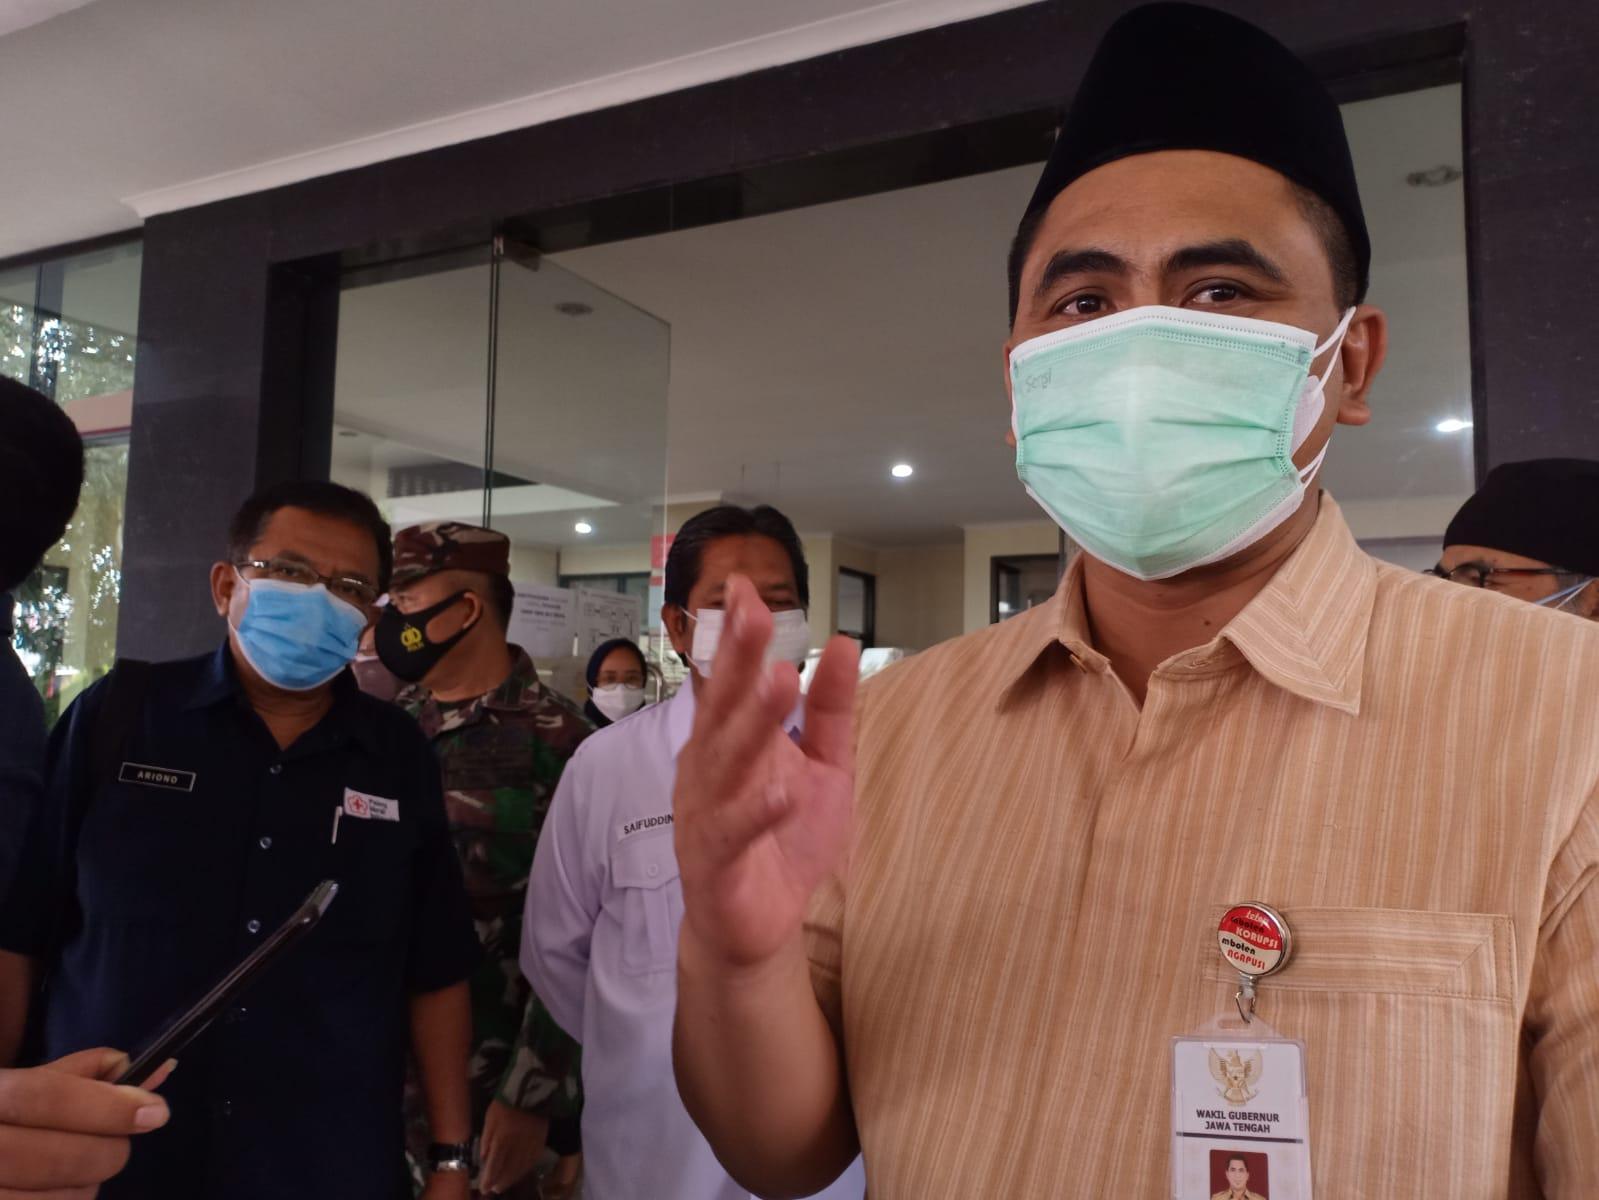 Wagub Jateng saat mendatangi PMI di Banyumas. Rezanda Akbar D./Lingkar.co